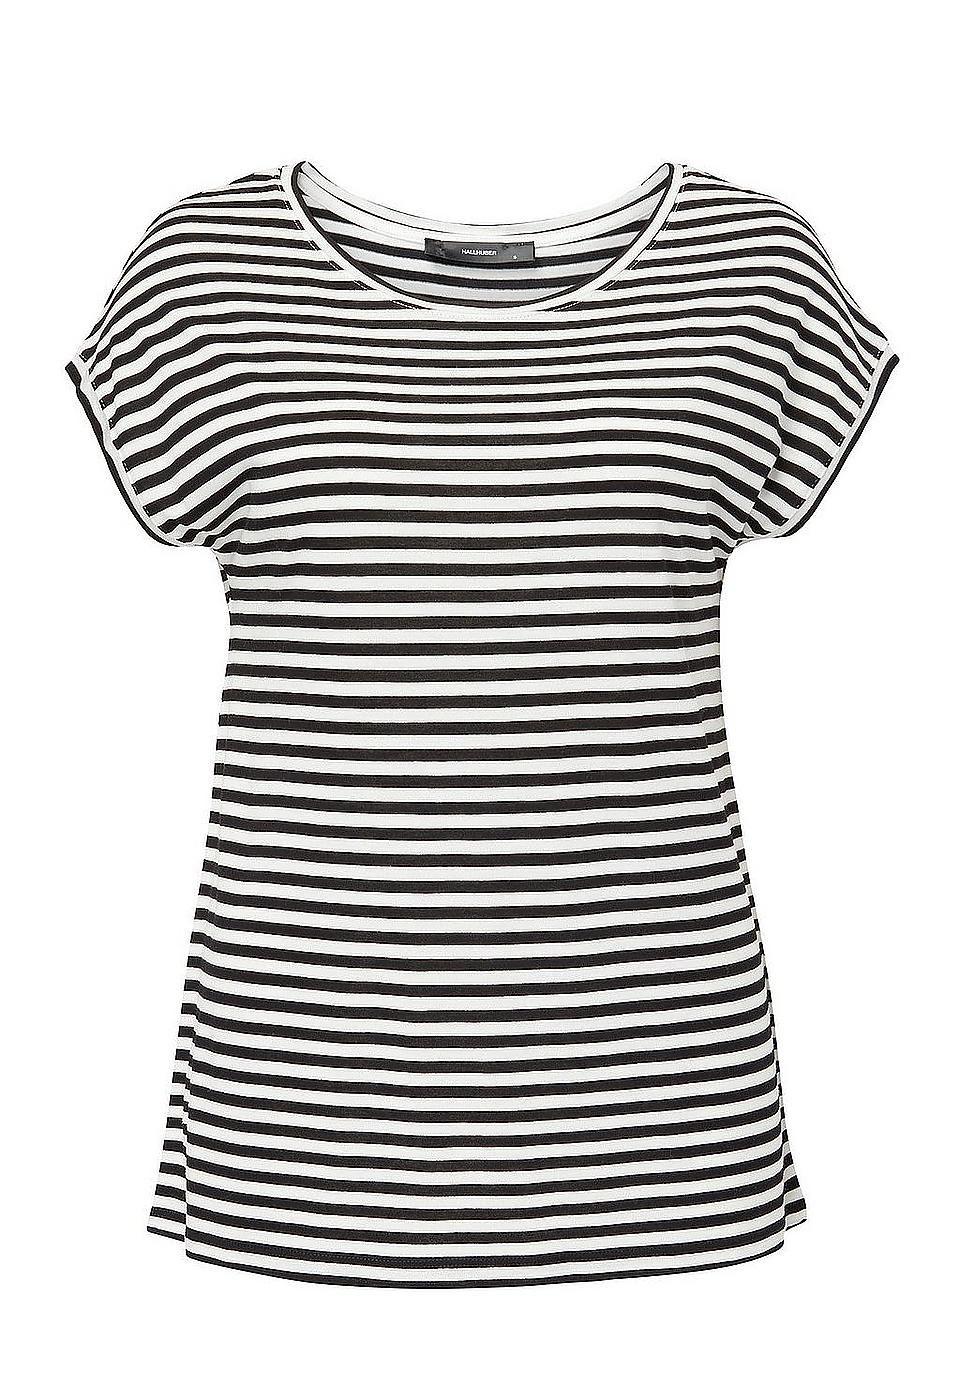 premium selection c3c62 a3de6 HALLHUBER T-Shirt shoppen | Stripes | BAUR in 2019 ...